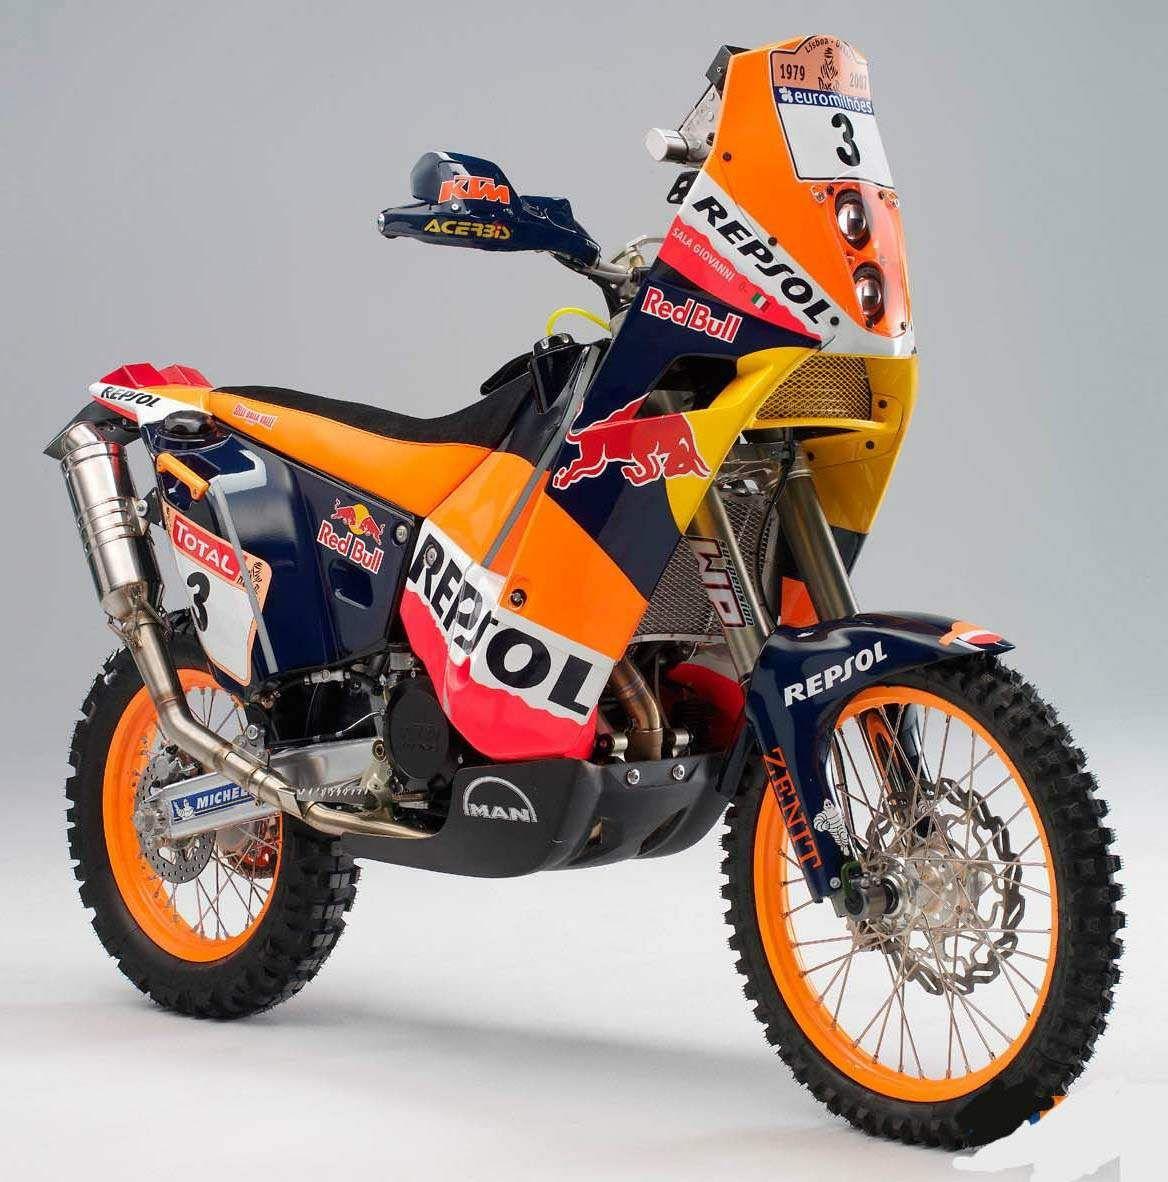 MINIATUR 1:18 Modell KTM 450 RALLY Dakar Rally Motocross Enduro Motorrad